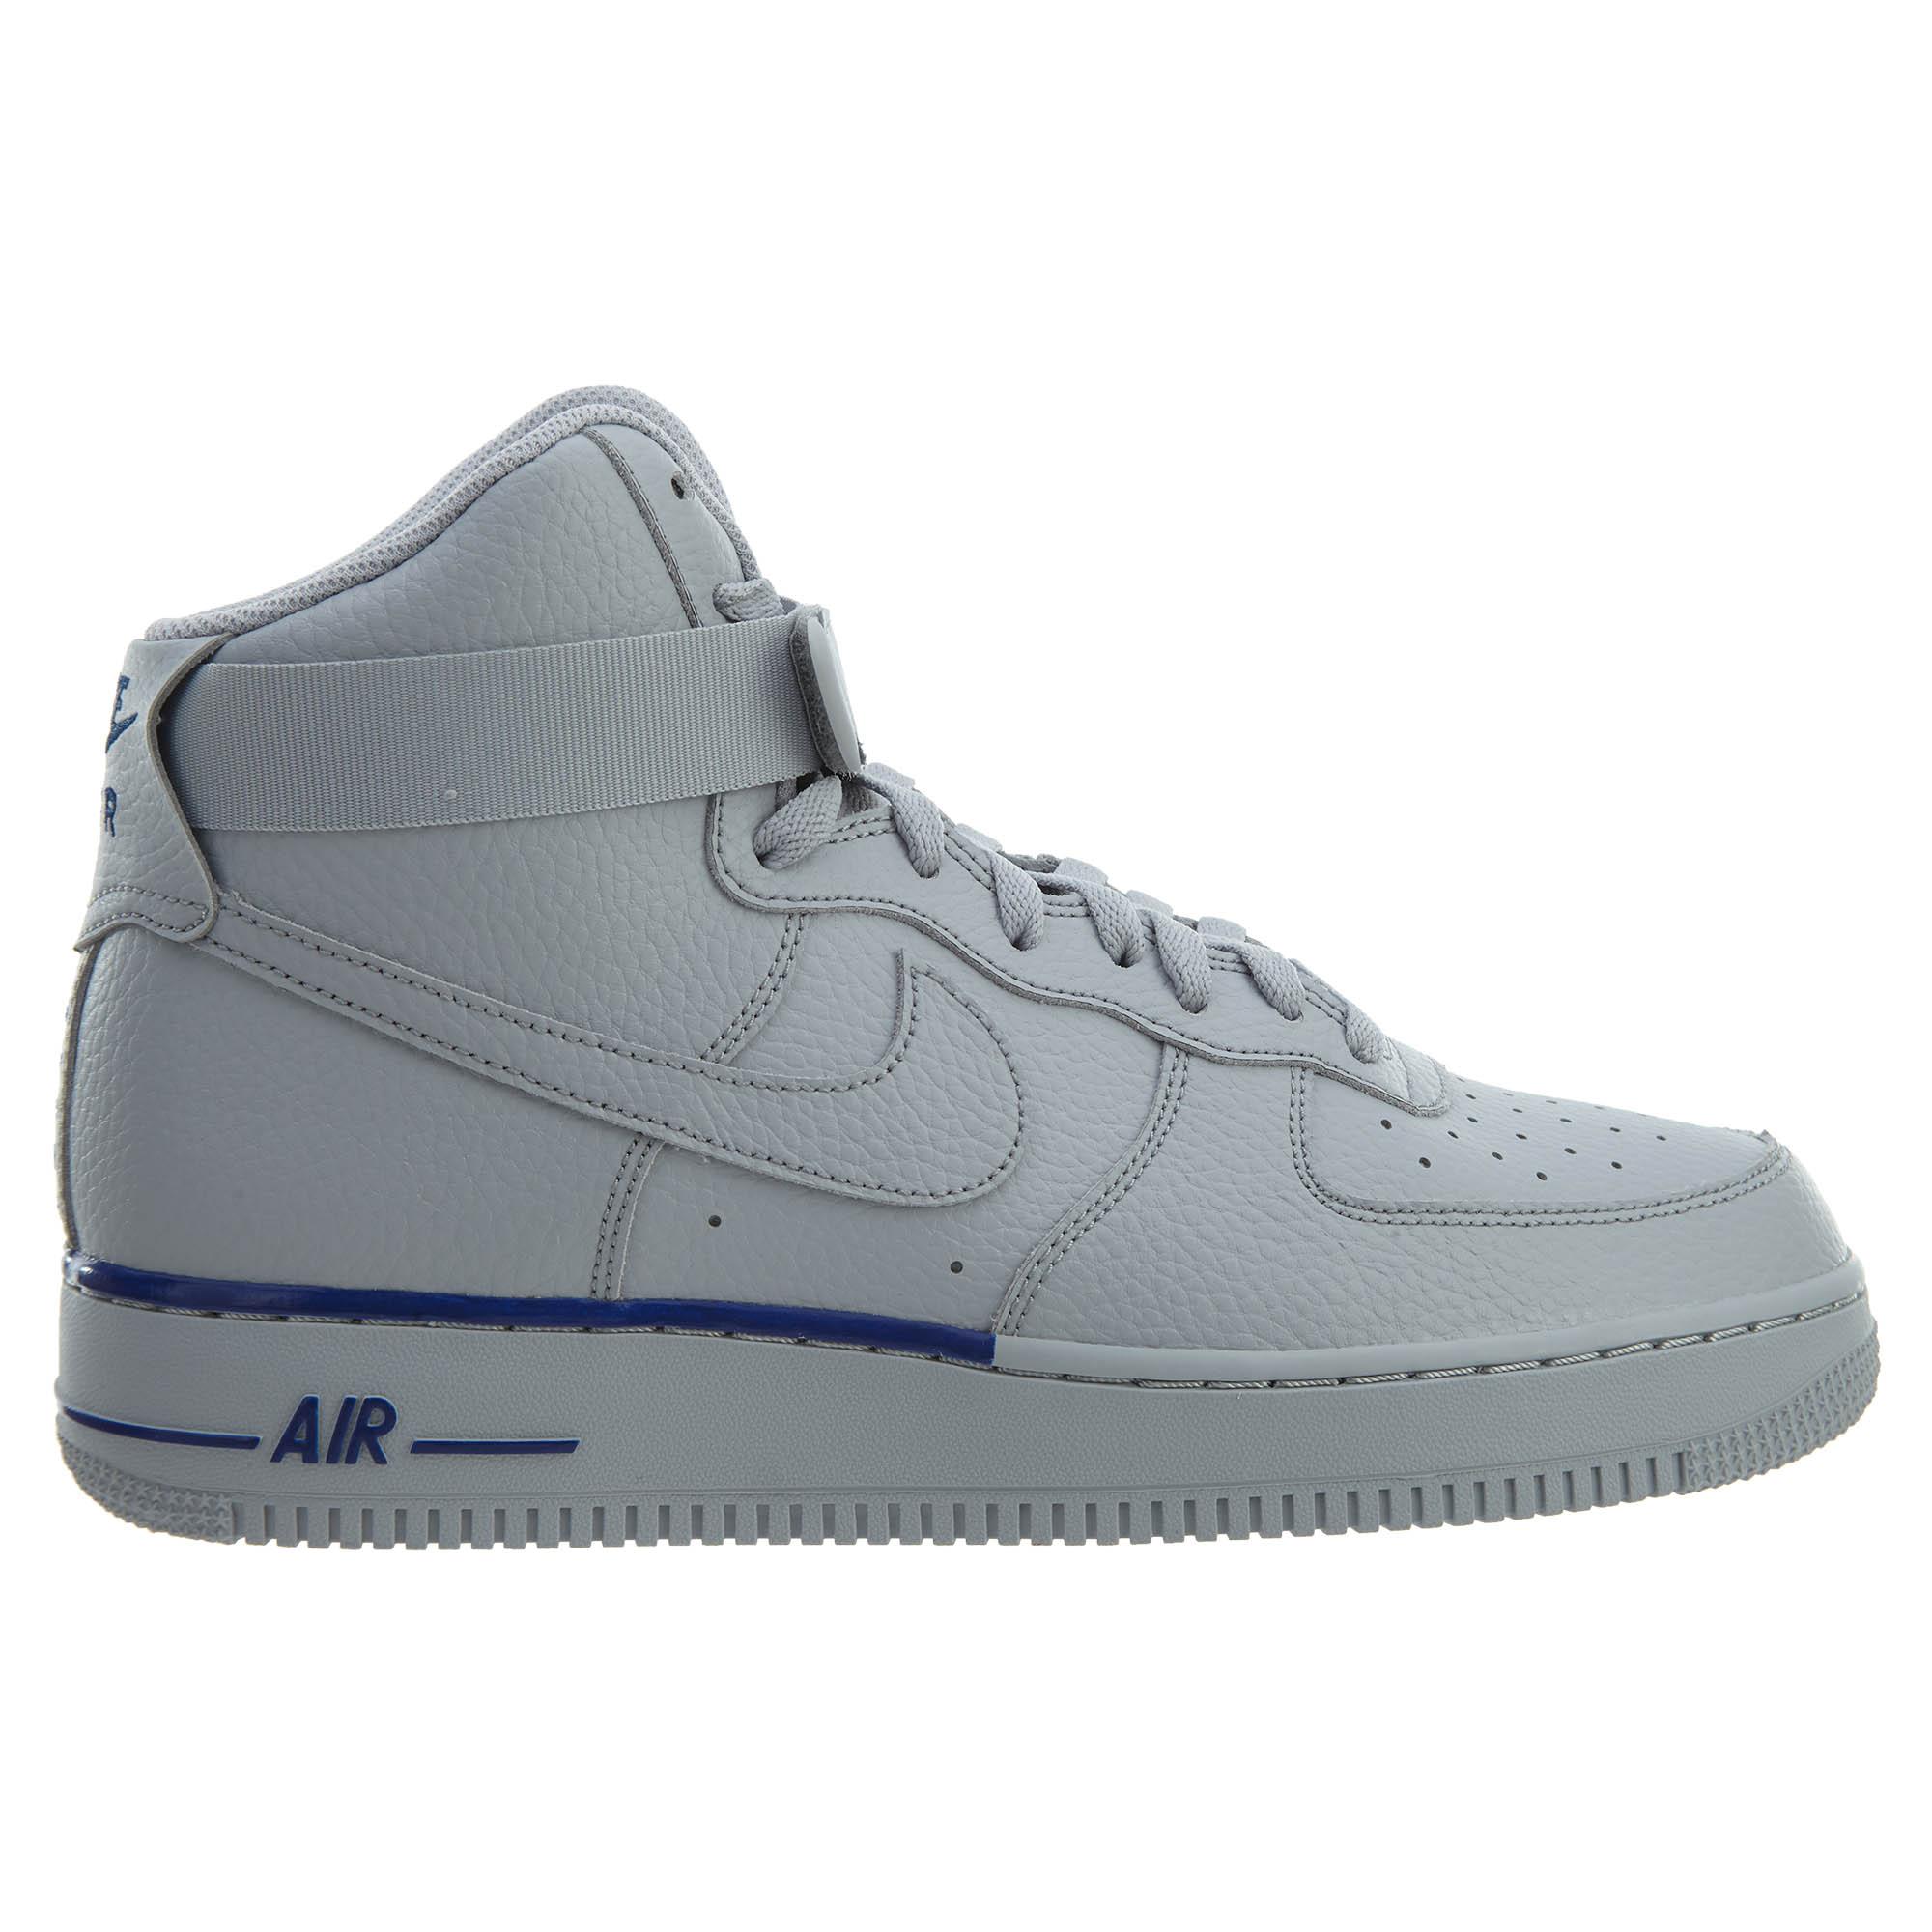 Nike Air Force 1 High 07 Wolf Grey Wolf Grey-Deep Royal - 315121-045